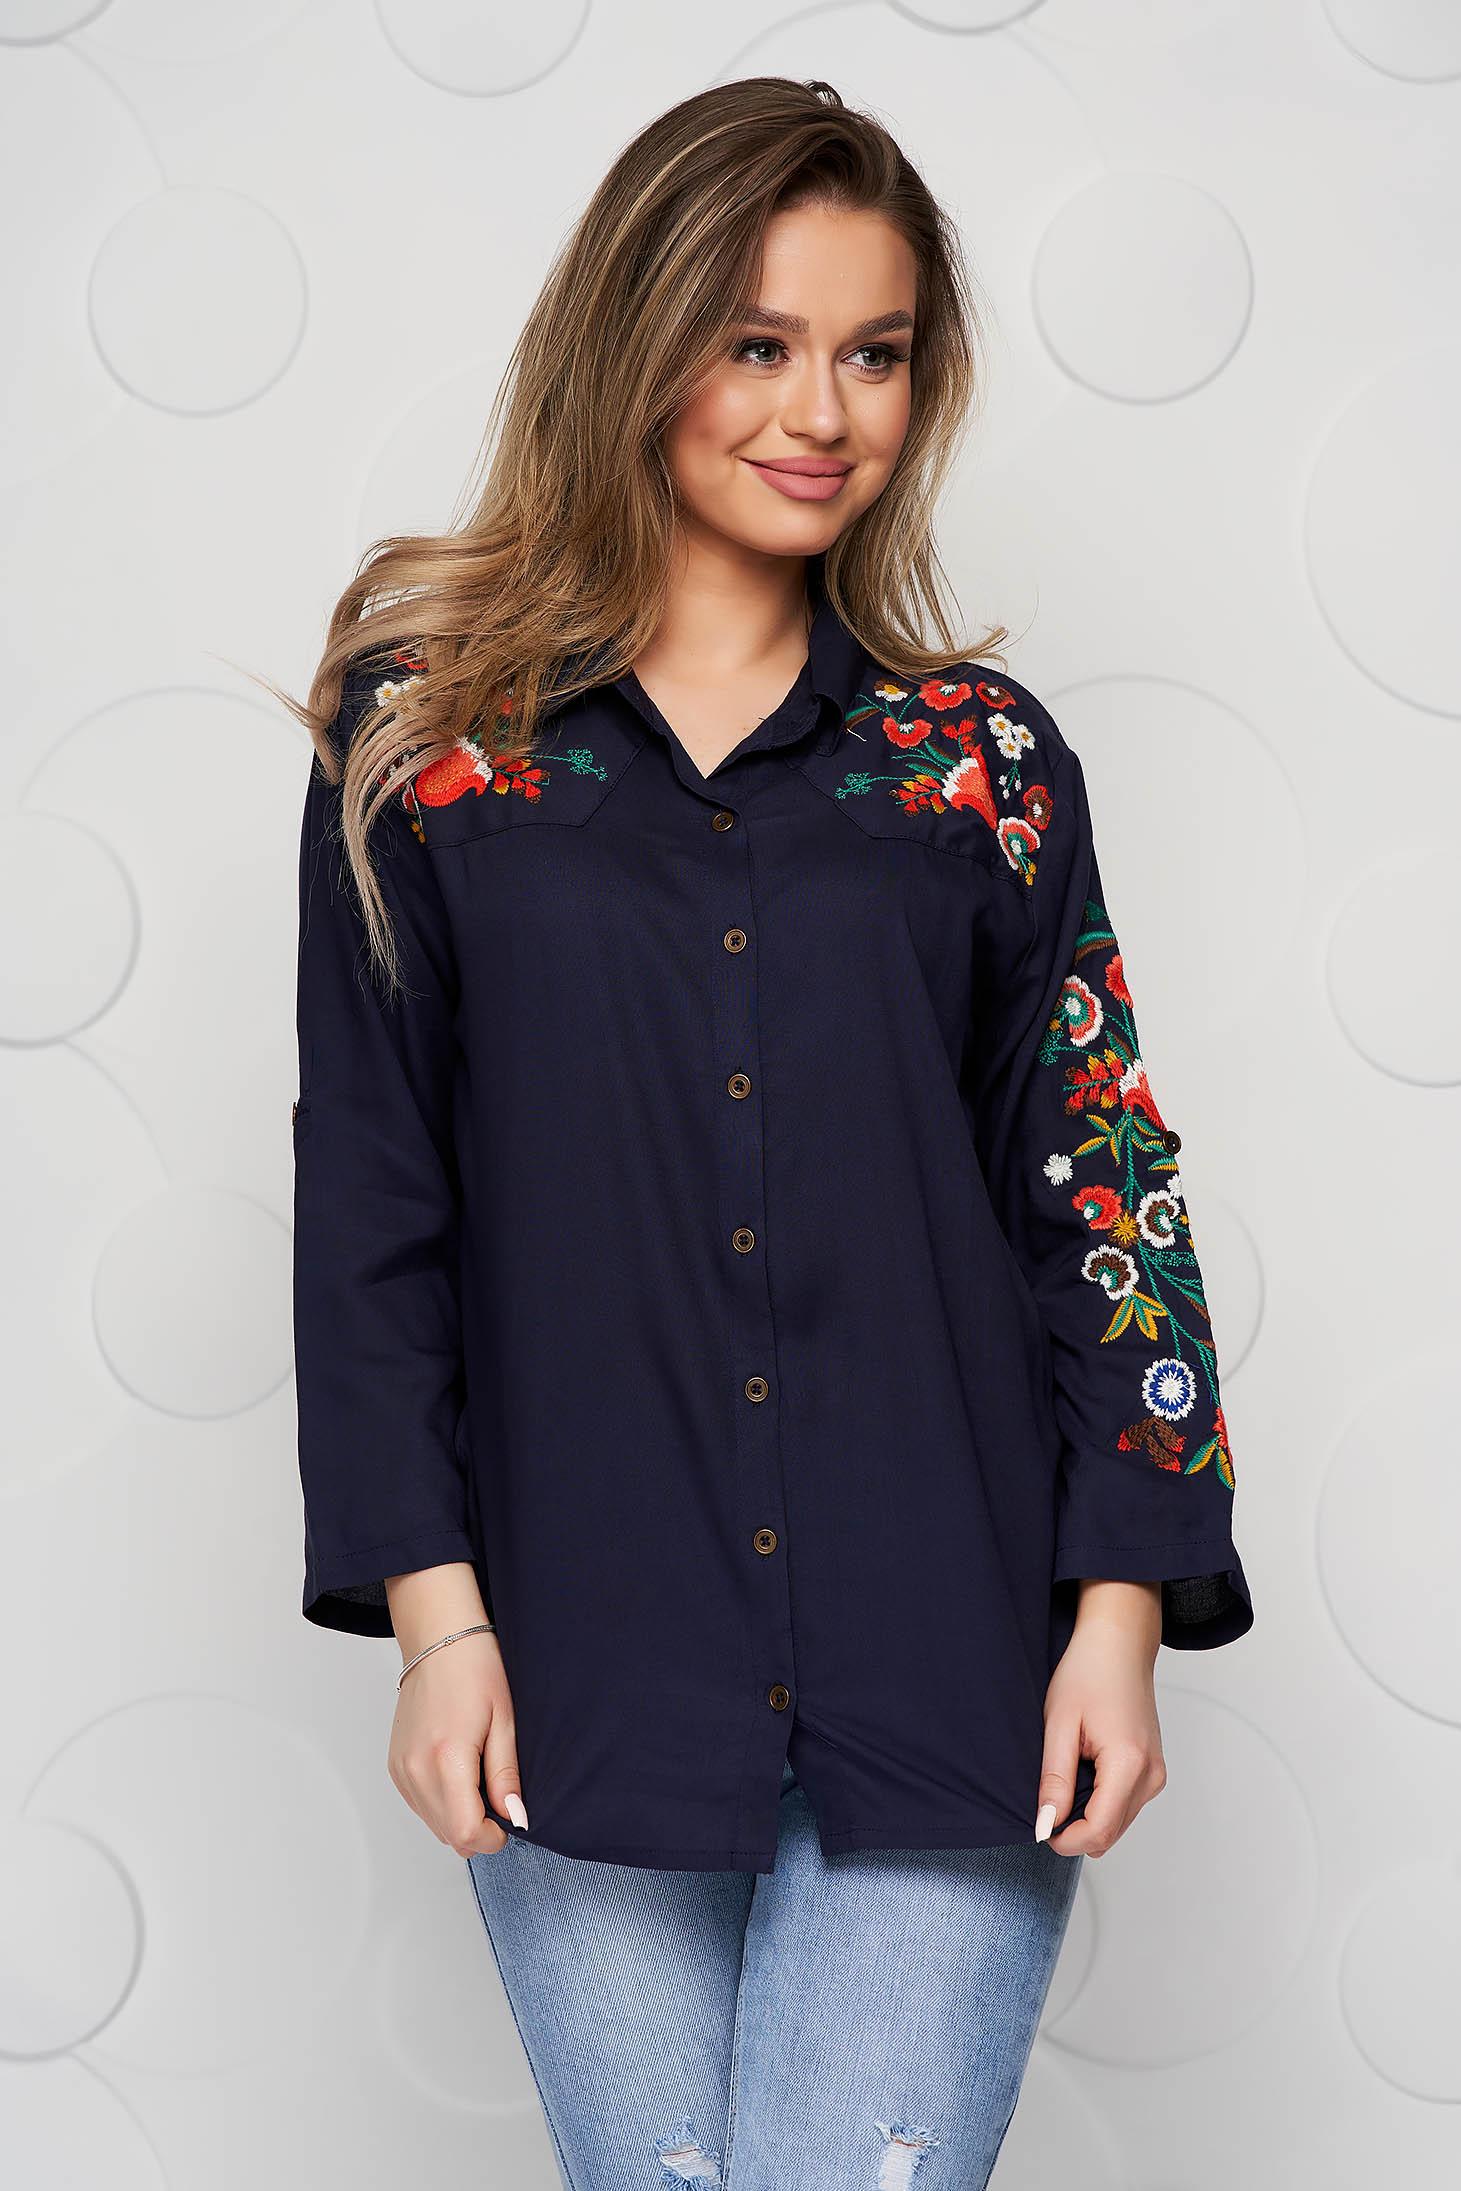 Kék bő szabású virágos hímzés női ing enyhén elasztikus pamut